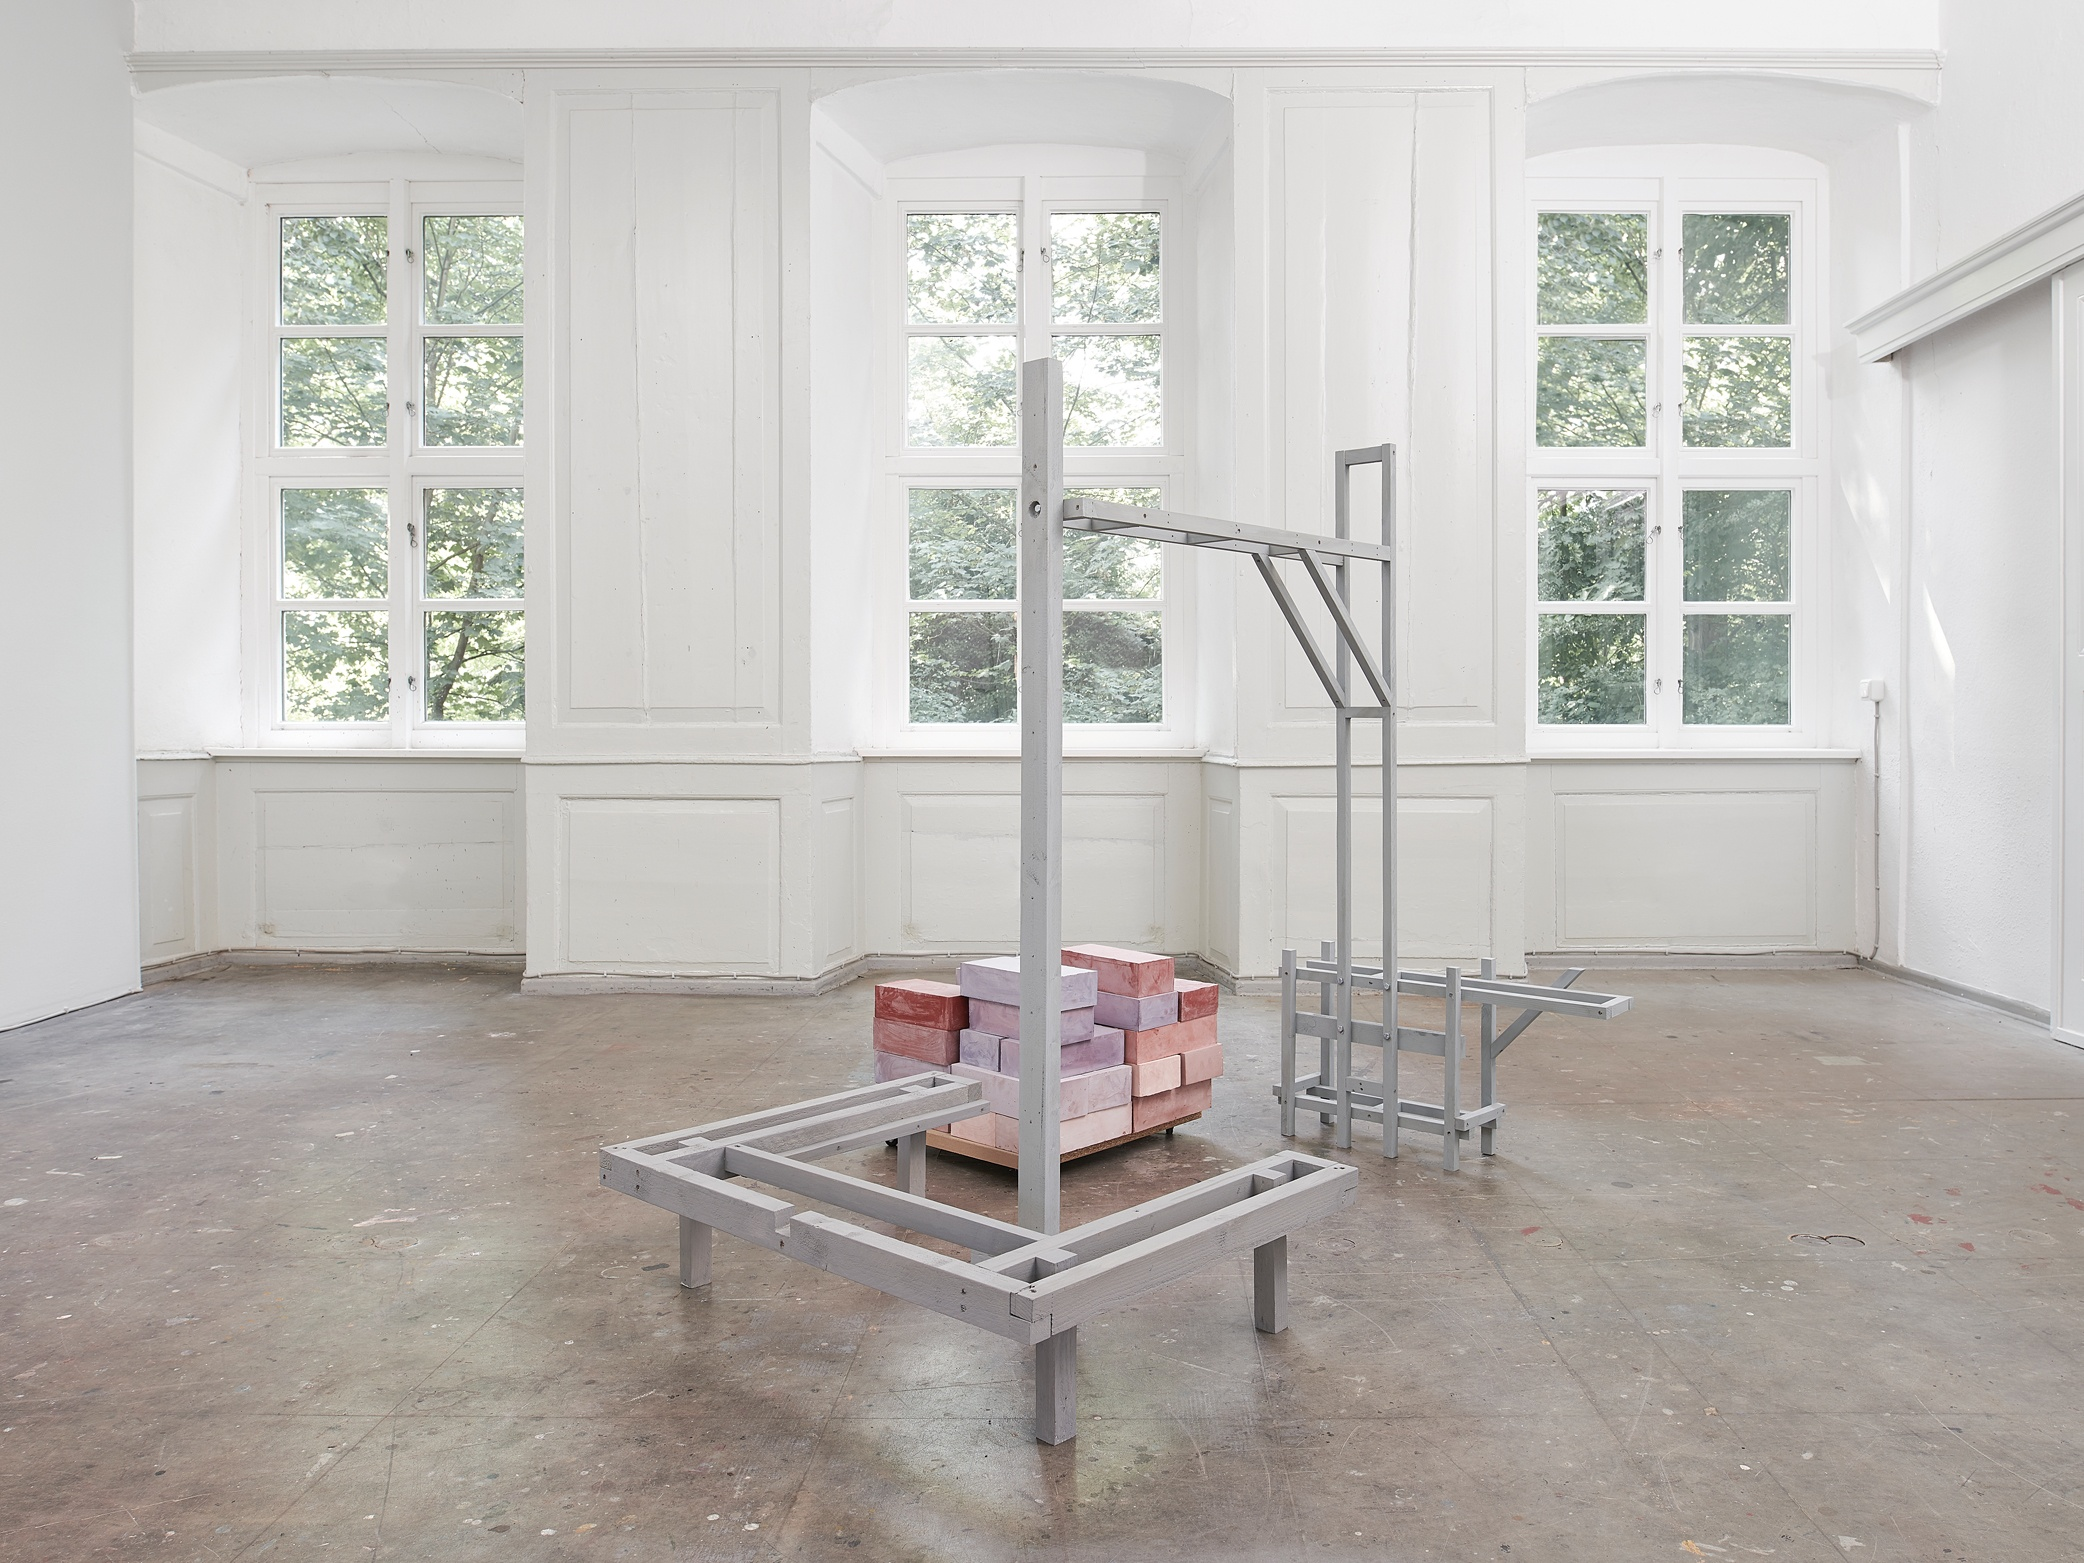 01_Installationsansicht_Kuenstlerhaus-Meinersen_EG_Gestell_01_fc-Nicolas-Wefers